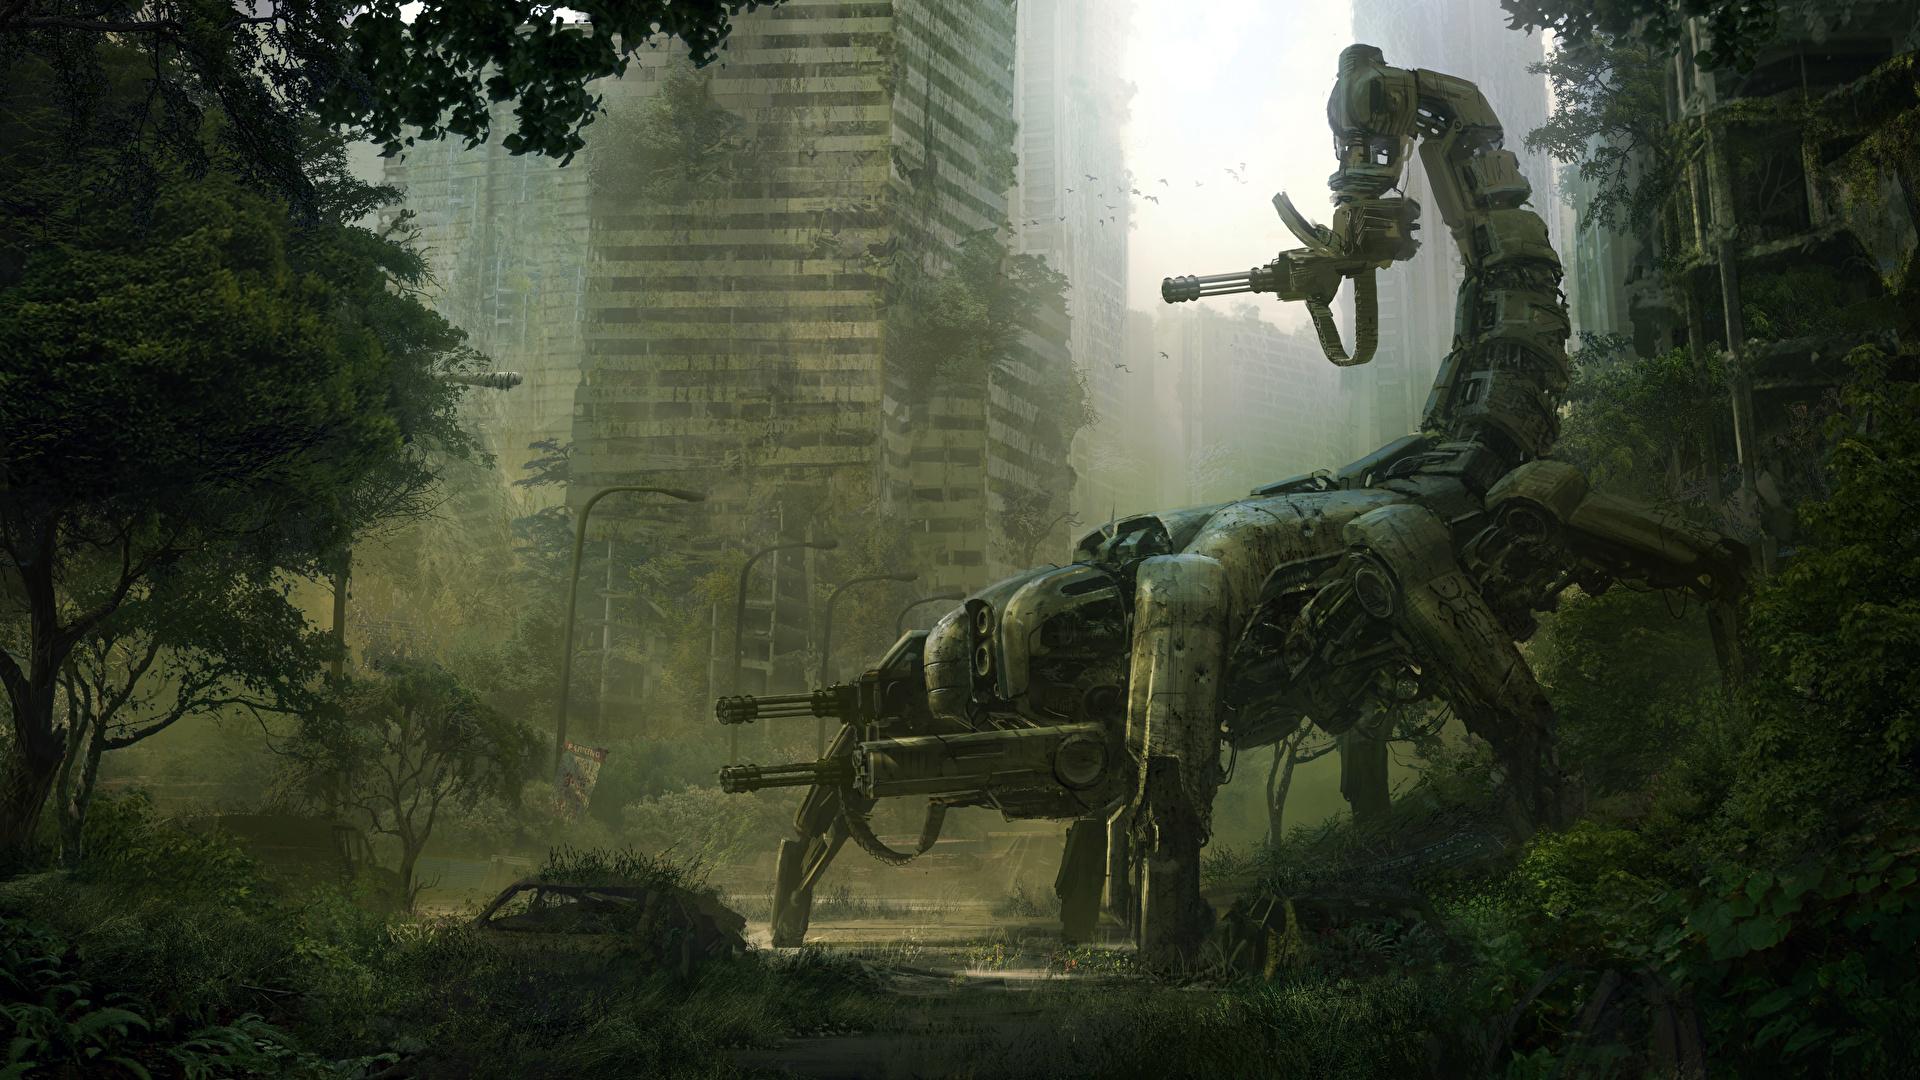 Wallpaper Robots Apocalypse Machine Guns Wasteland 2 Vdeo